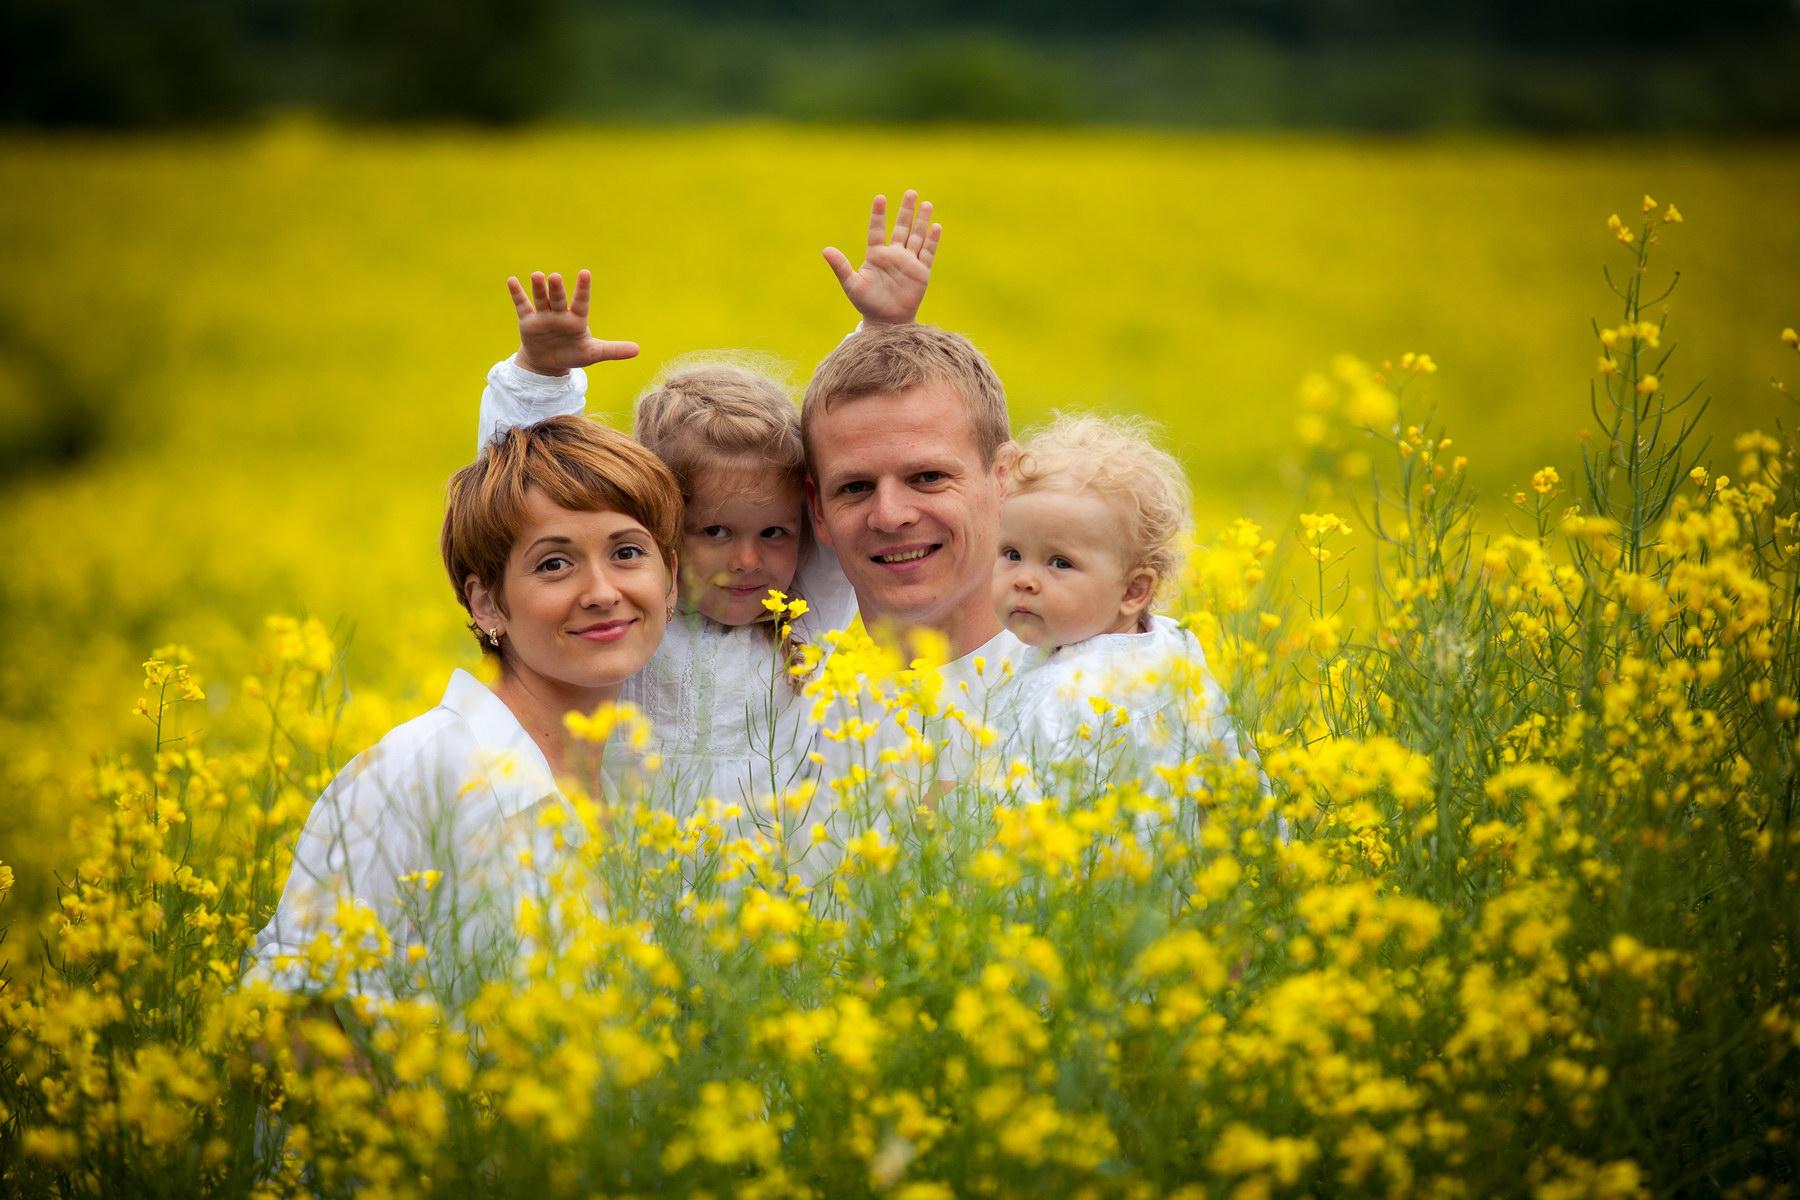 Семейная фотосессия на природе с детьми - проведение